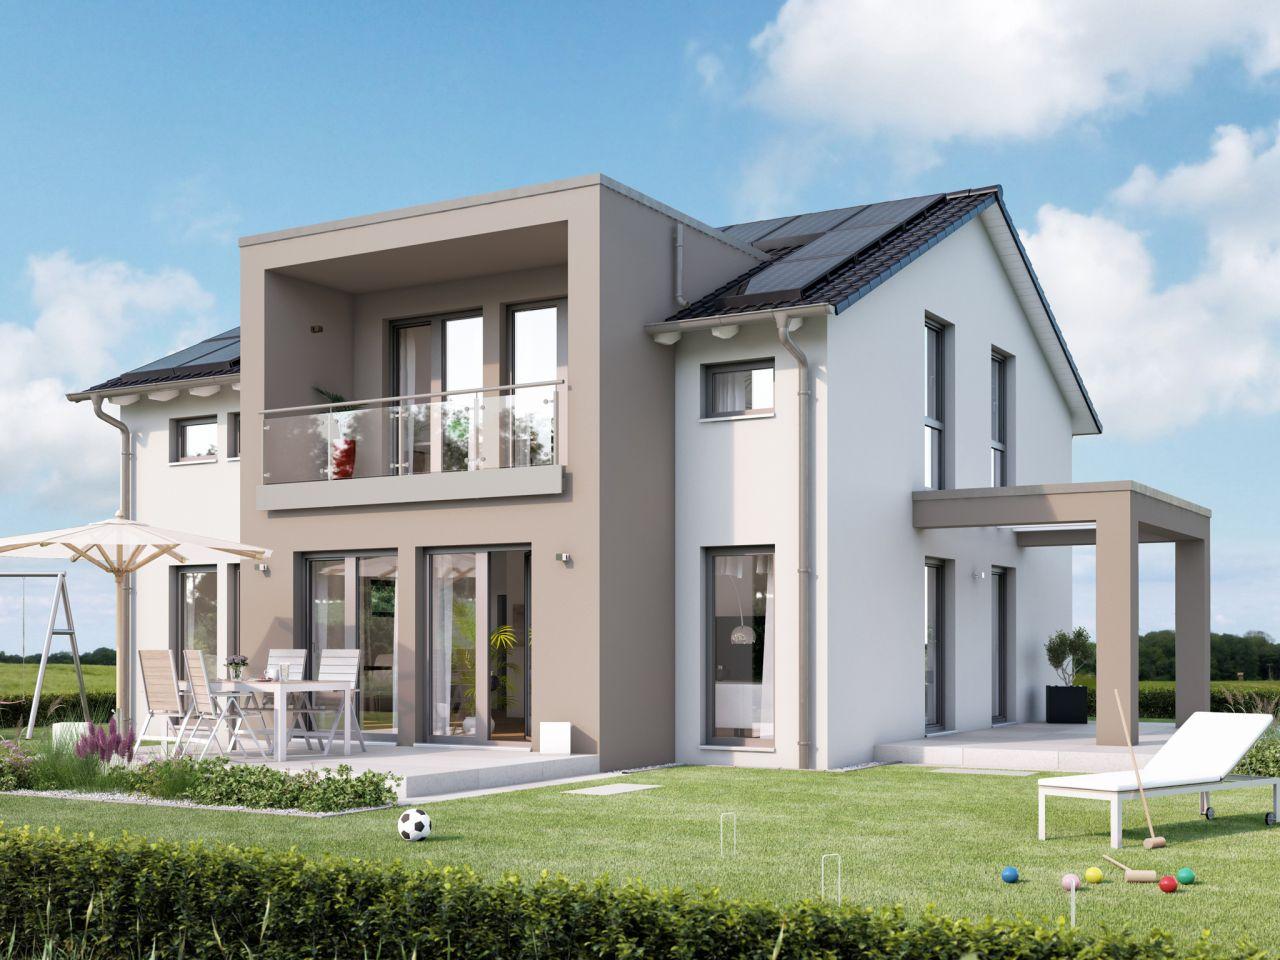 DEIN energieeffizientes & modernes Einfamilienhaus mit viel Platz in Schwenningen!